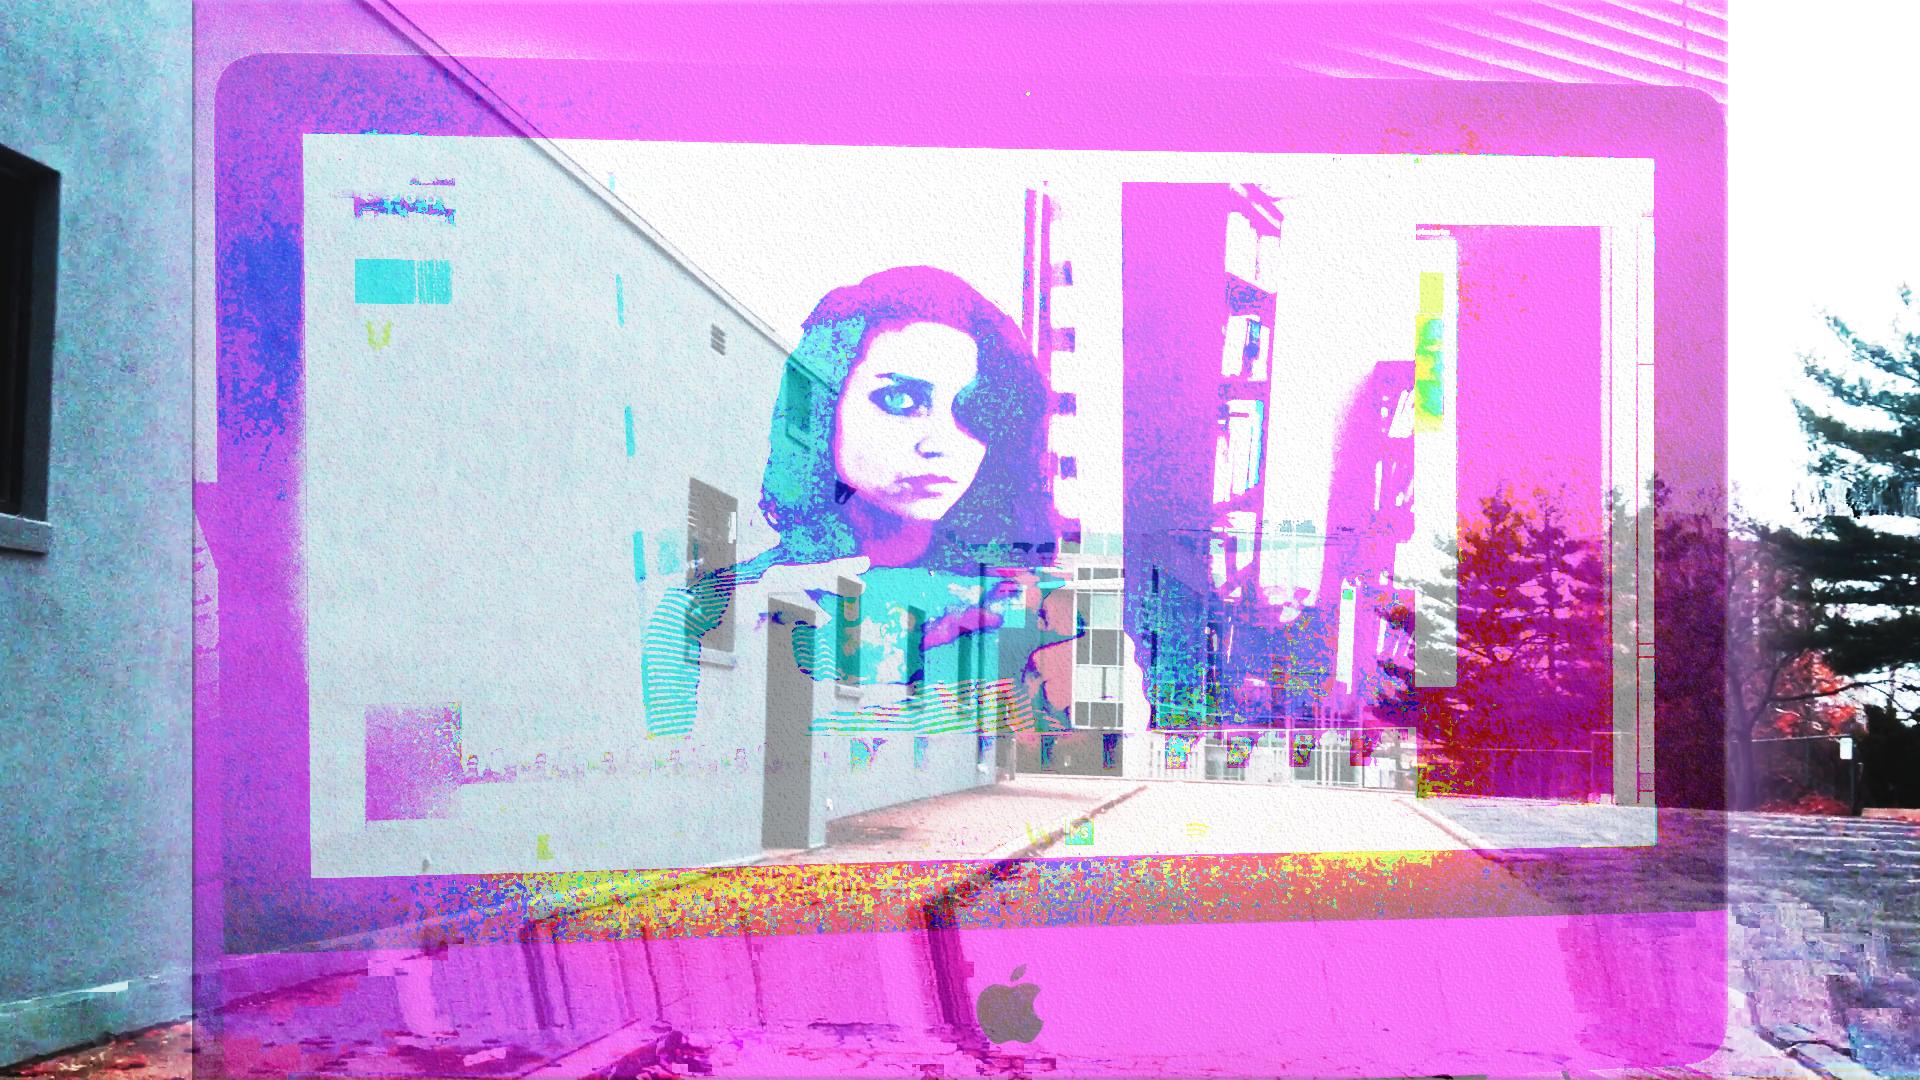 selfie_glitch_7.png